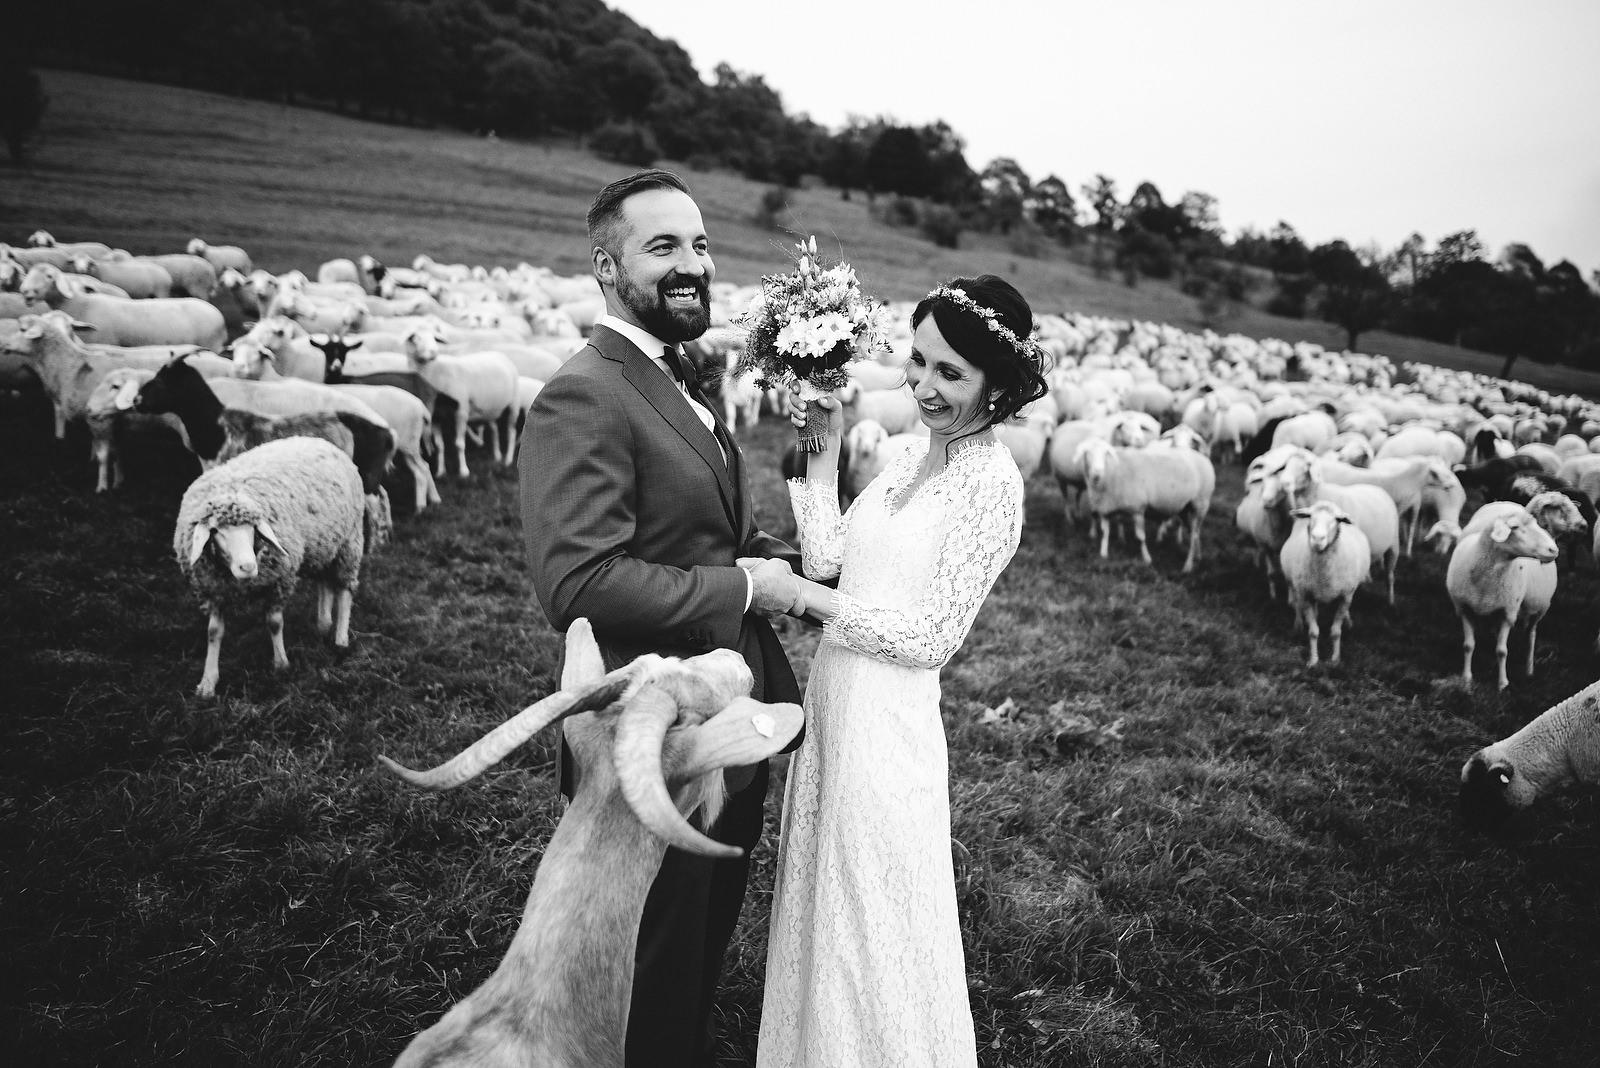 Fotograf Konstanz - Hochzeitsfotograf Reutlingen Achalm Hochzeit EFP 86 - Documentary wedding story on the Achalm, Reutlingen  - 71 -